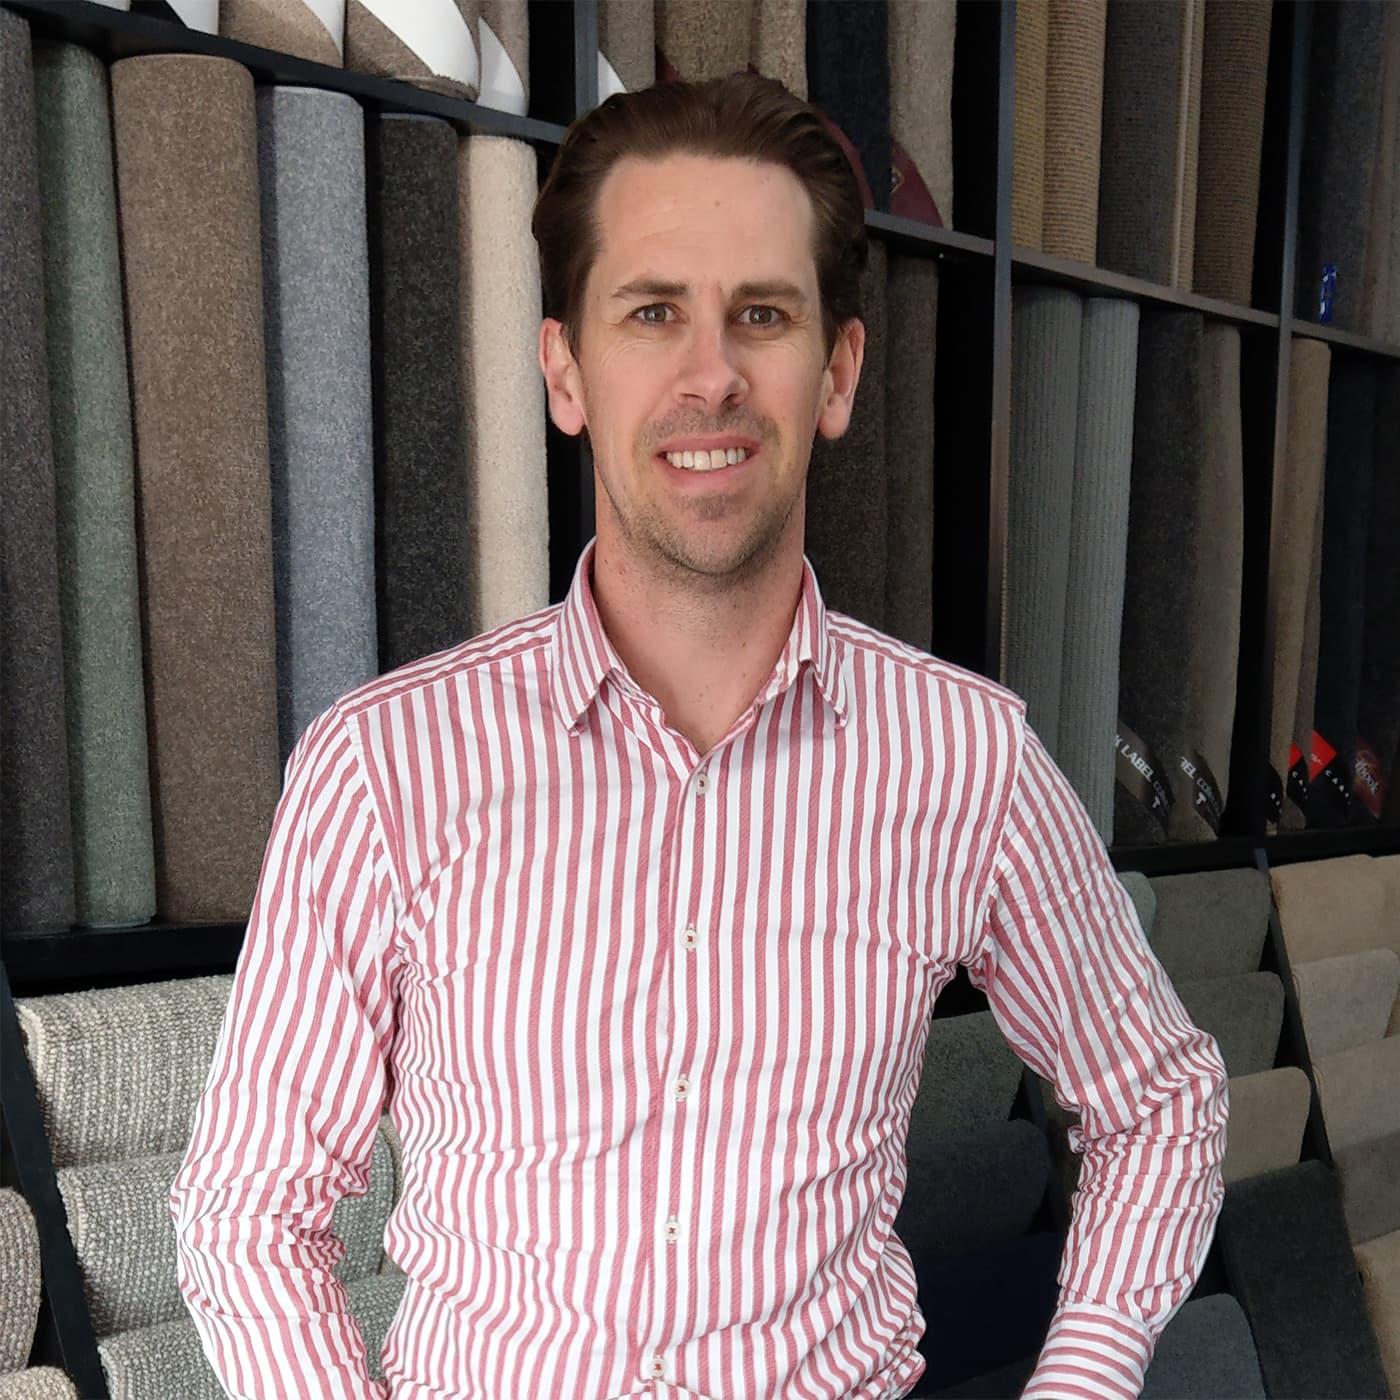 David Morgan, Managing Director of Creme